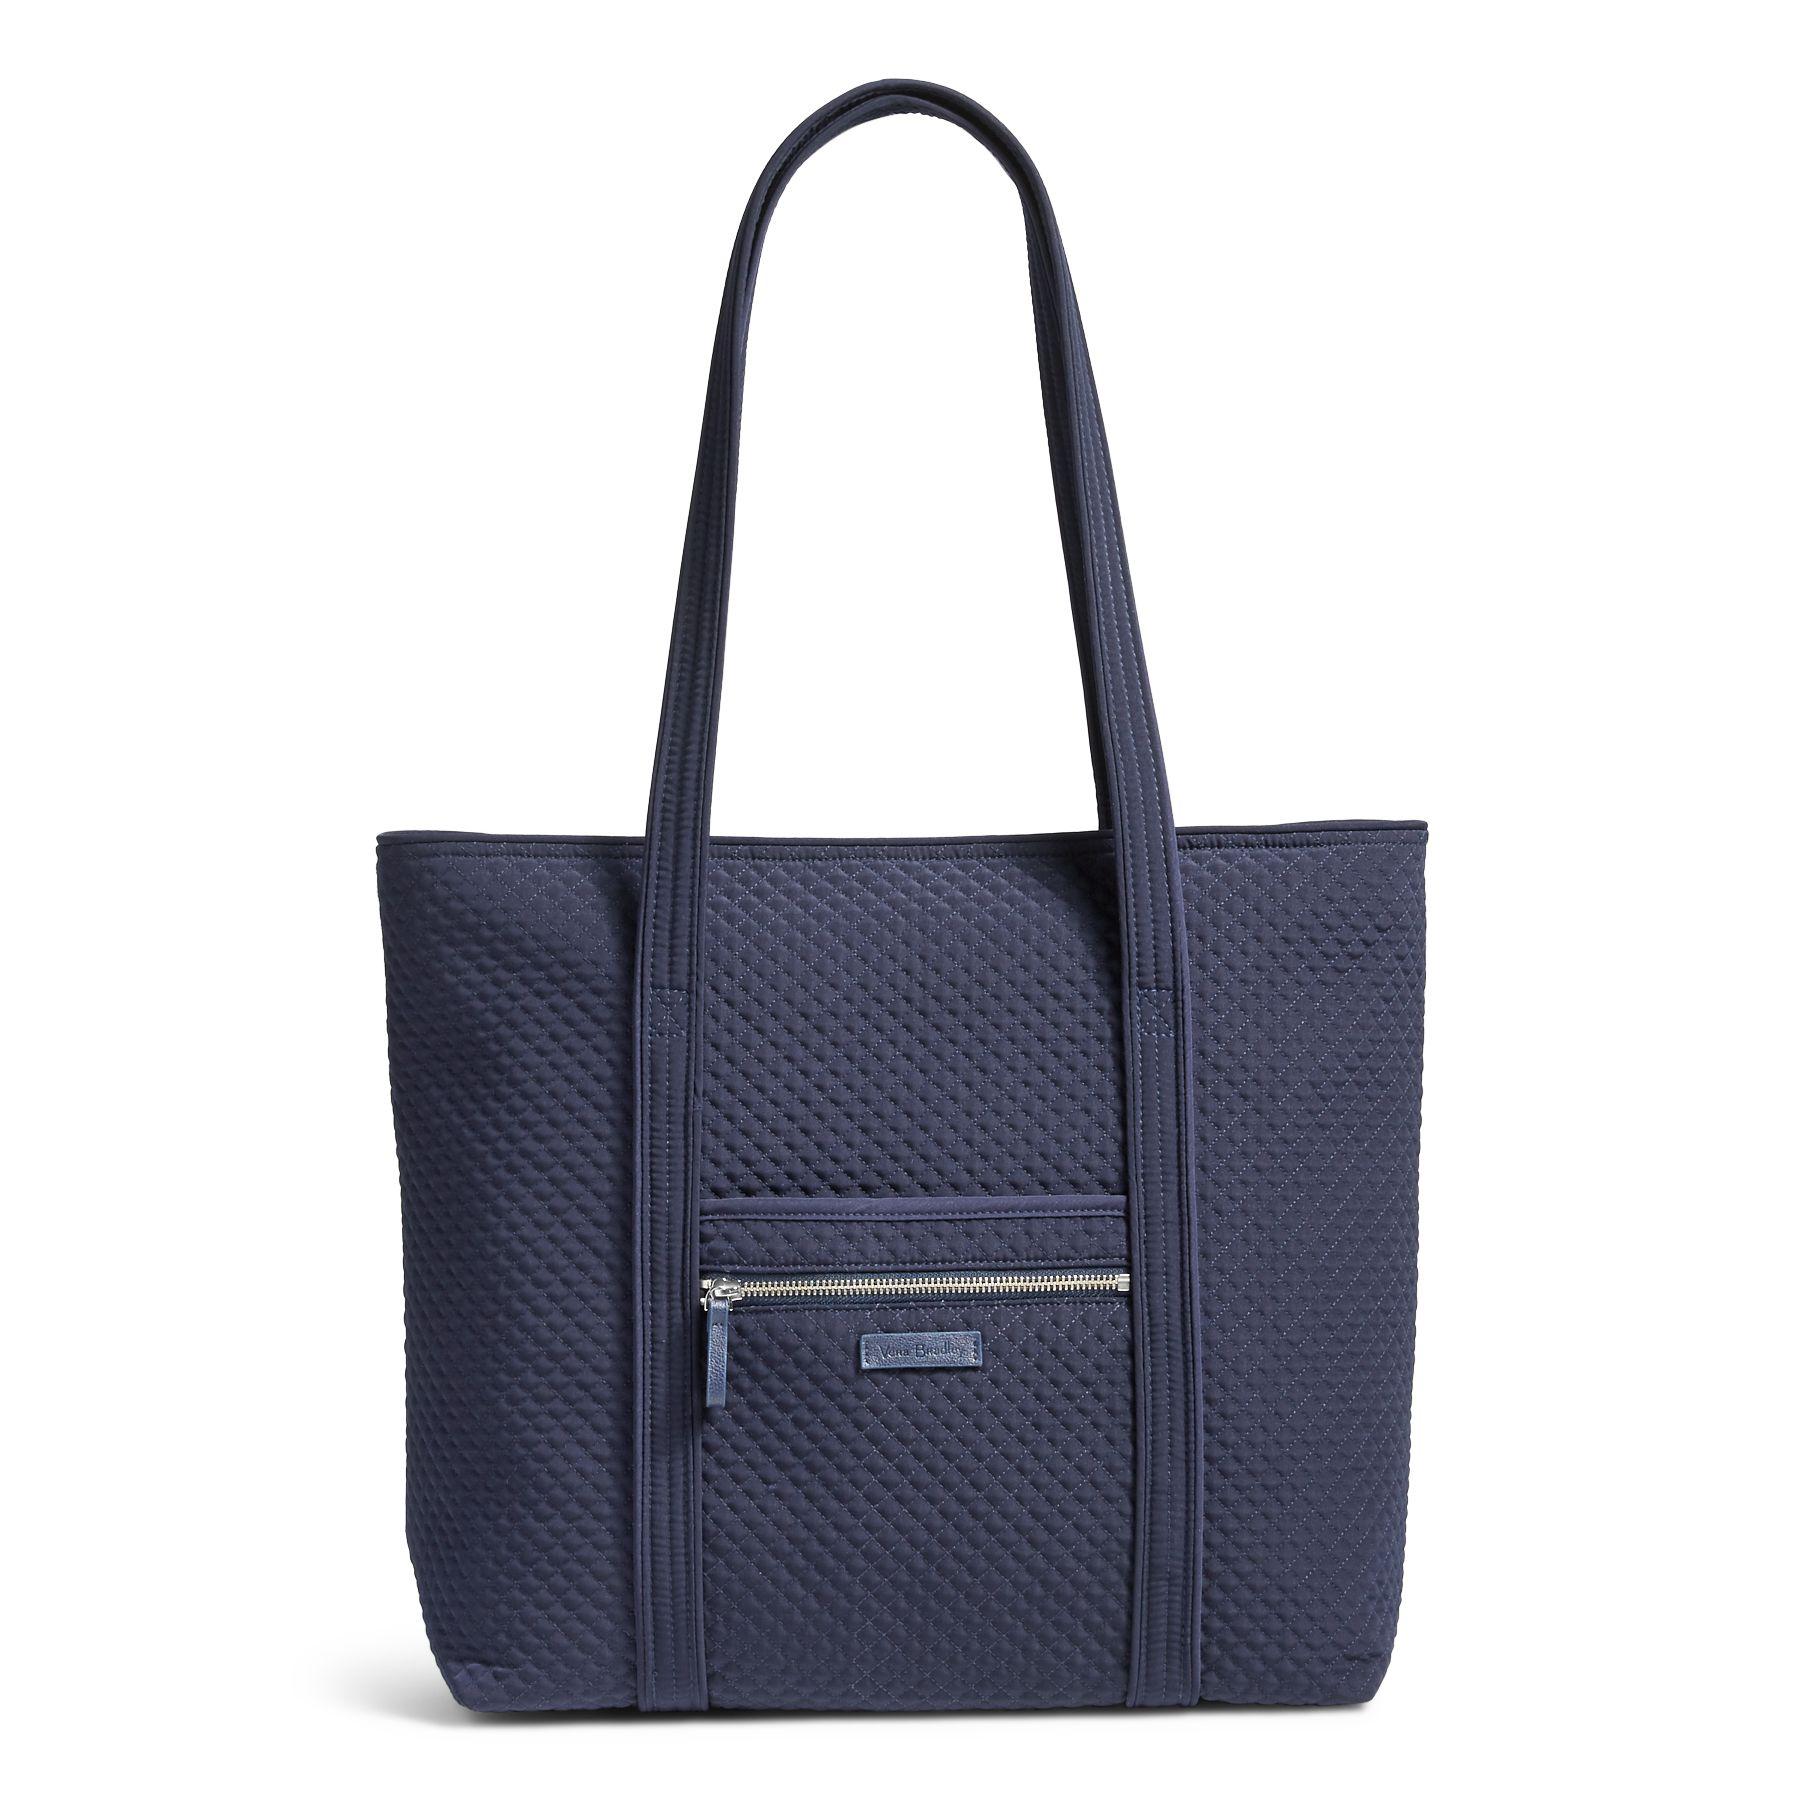 1b9078beff Microfiber Tote Bags for Women - Bags